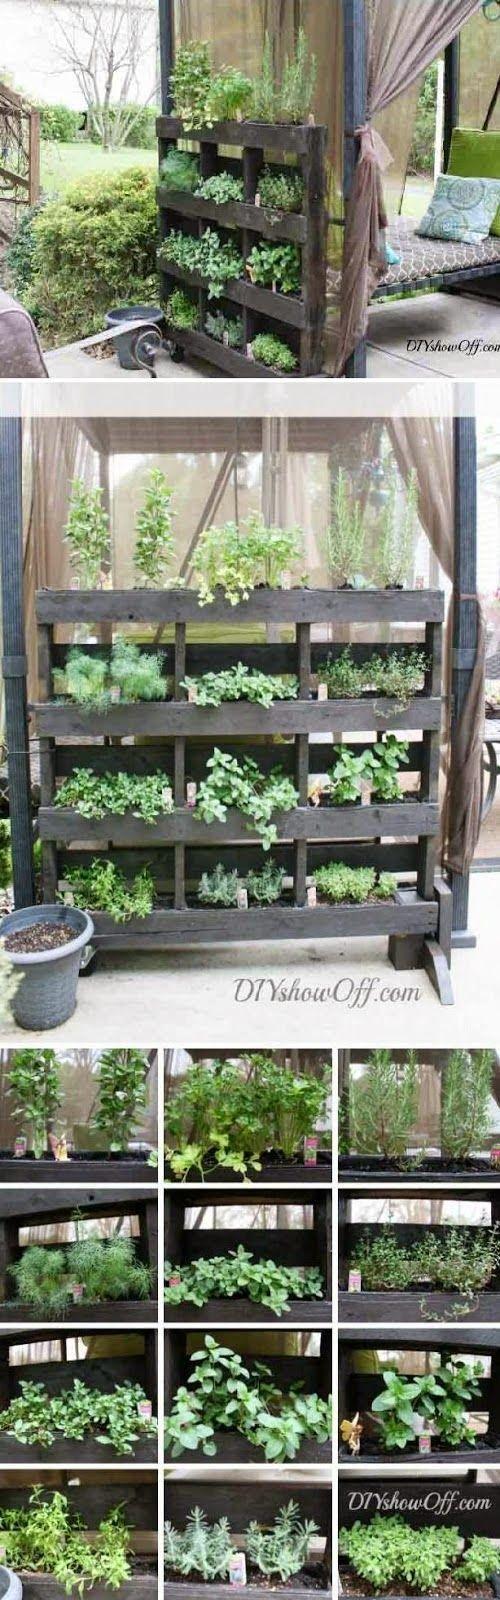 Free Standing Pallet Herb Garden Tutorial: